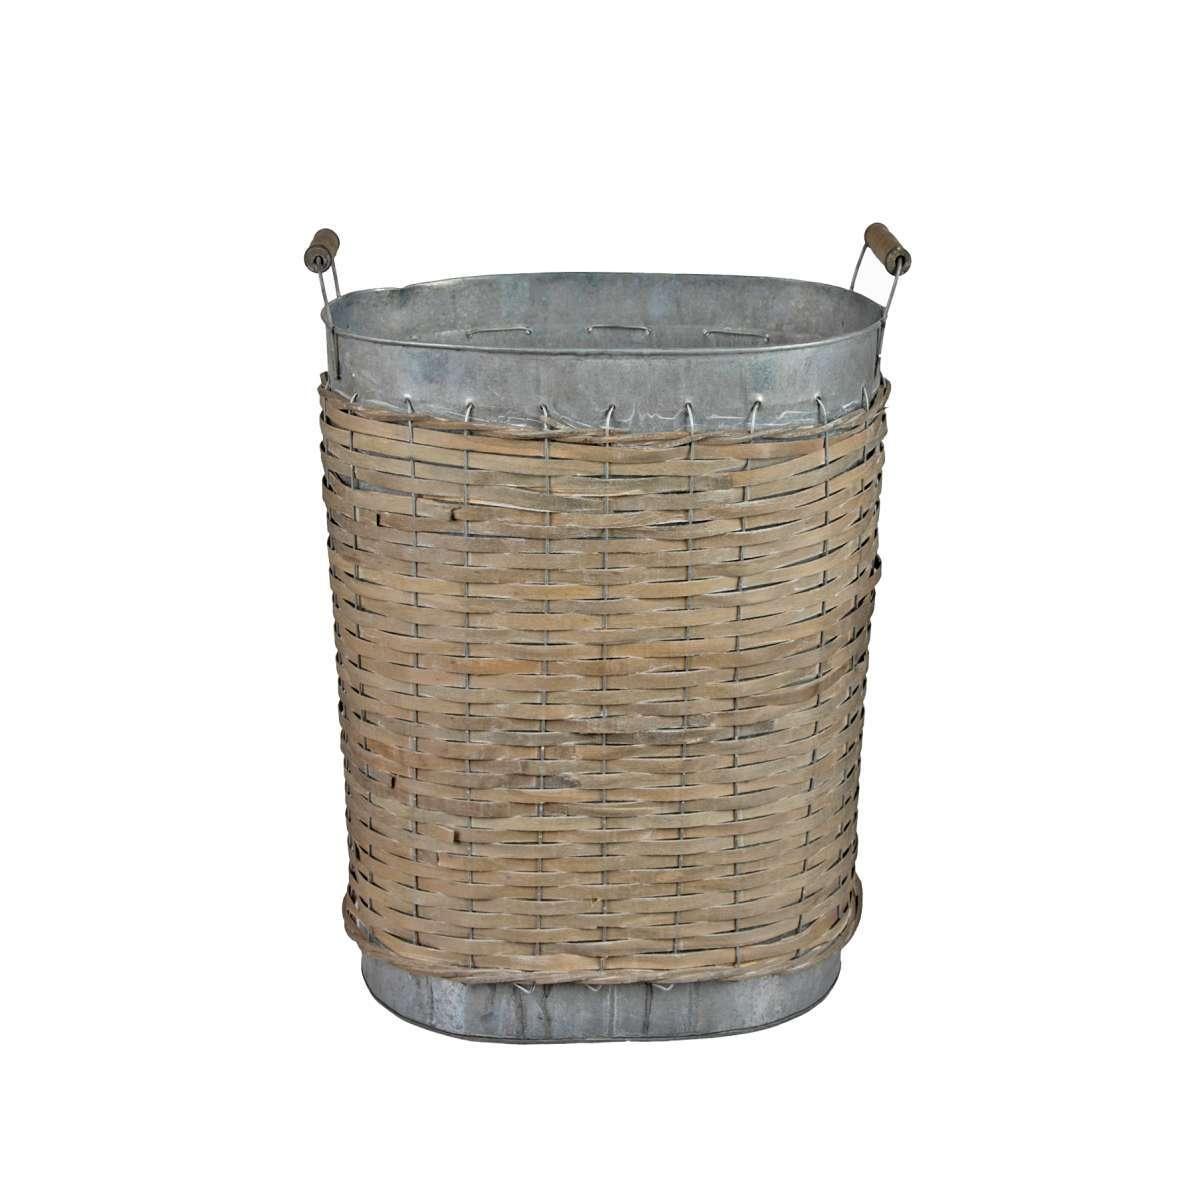 Καλάθι Ράτταν & Μέταλλο, Φυσικό Καφέ/Ασημί, 30x19x40εκ., Art Et Lumiere